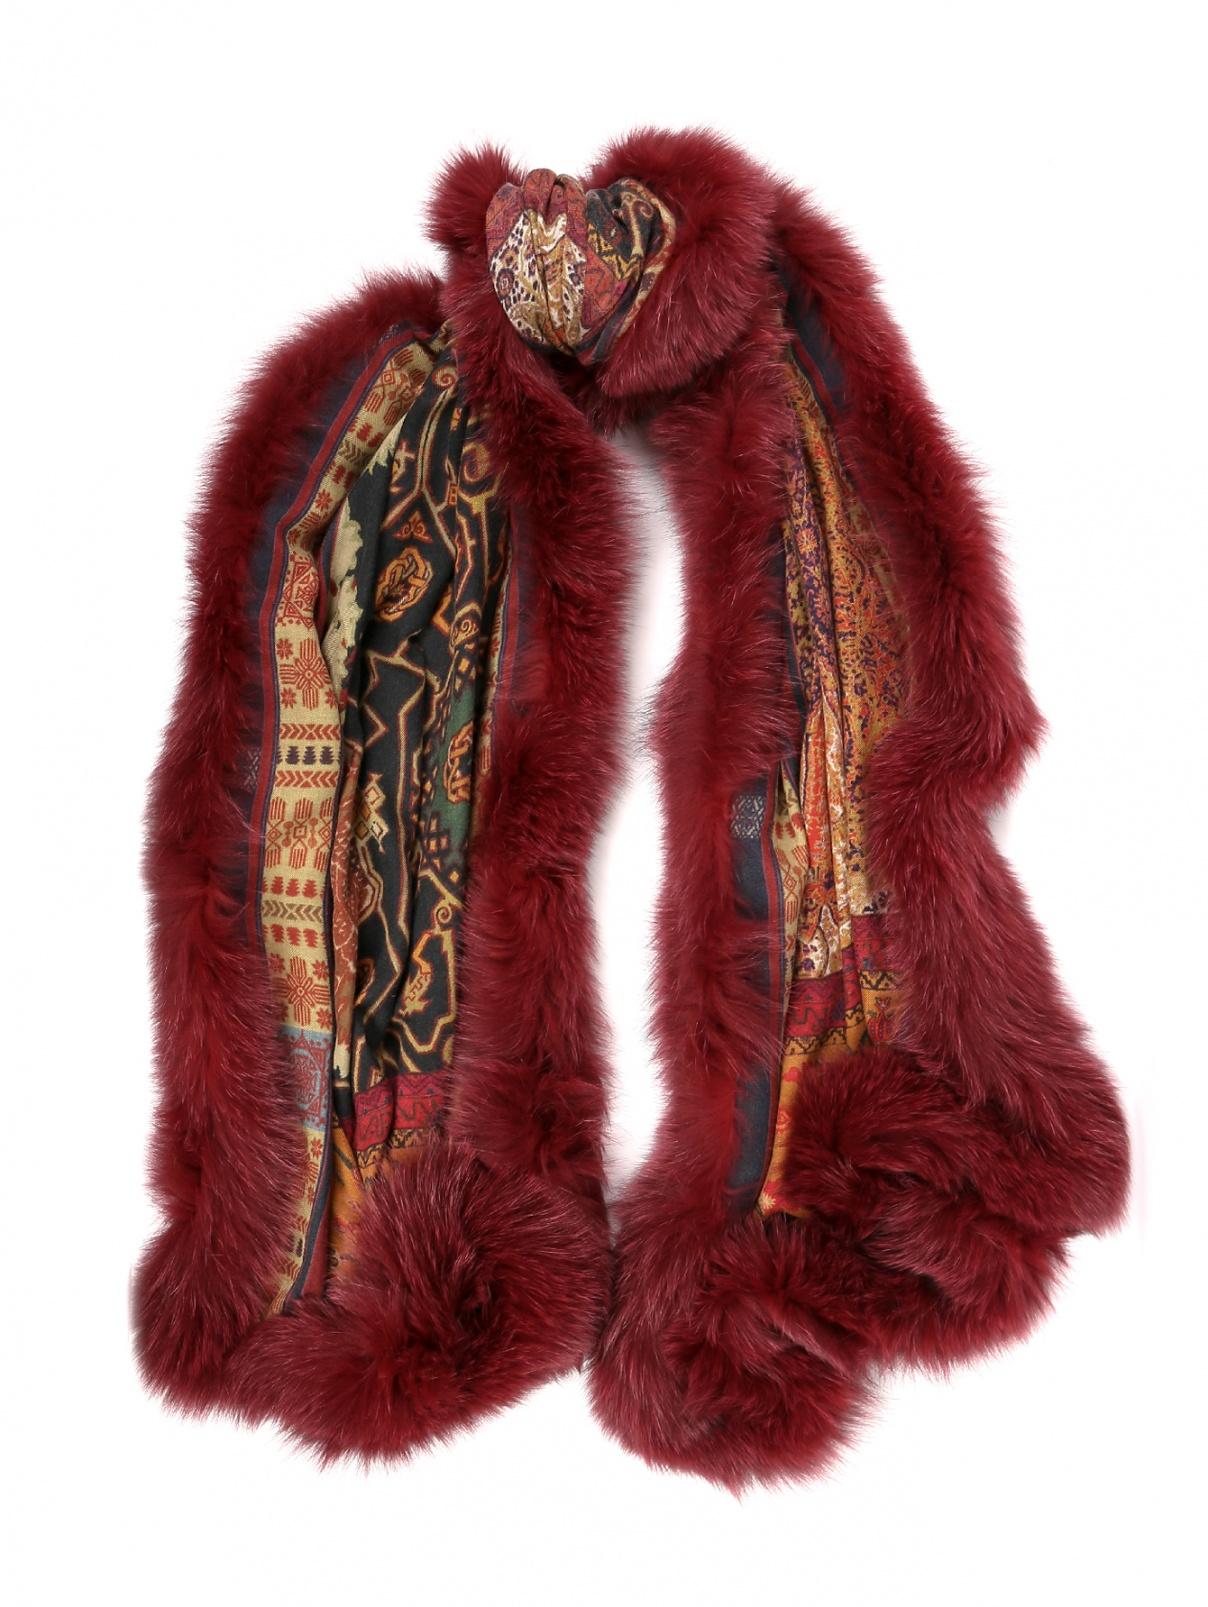 Шарф кашемировый с отделкой мехом лисы Etro  –  Общий вид  – Цвет:  Мультиколор